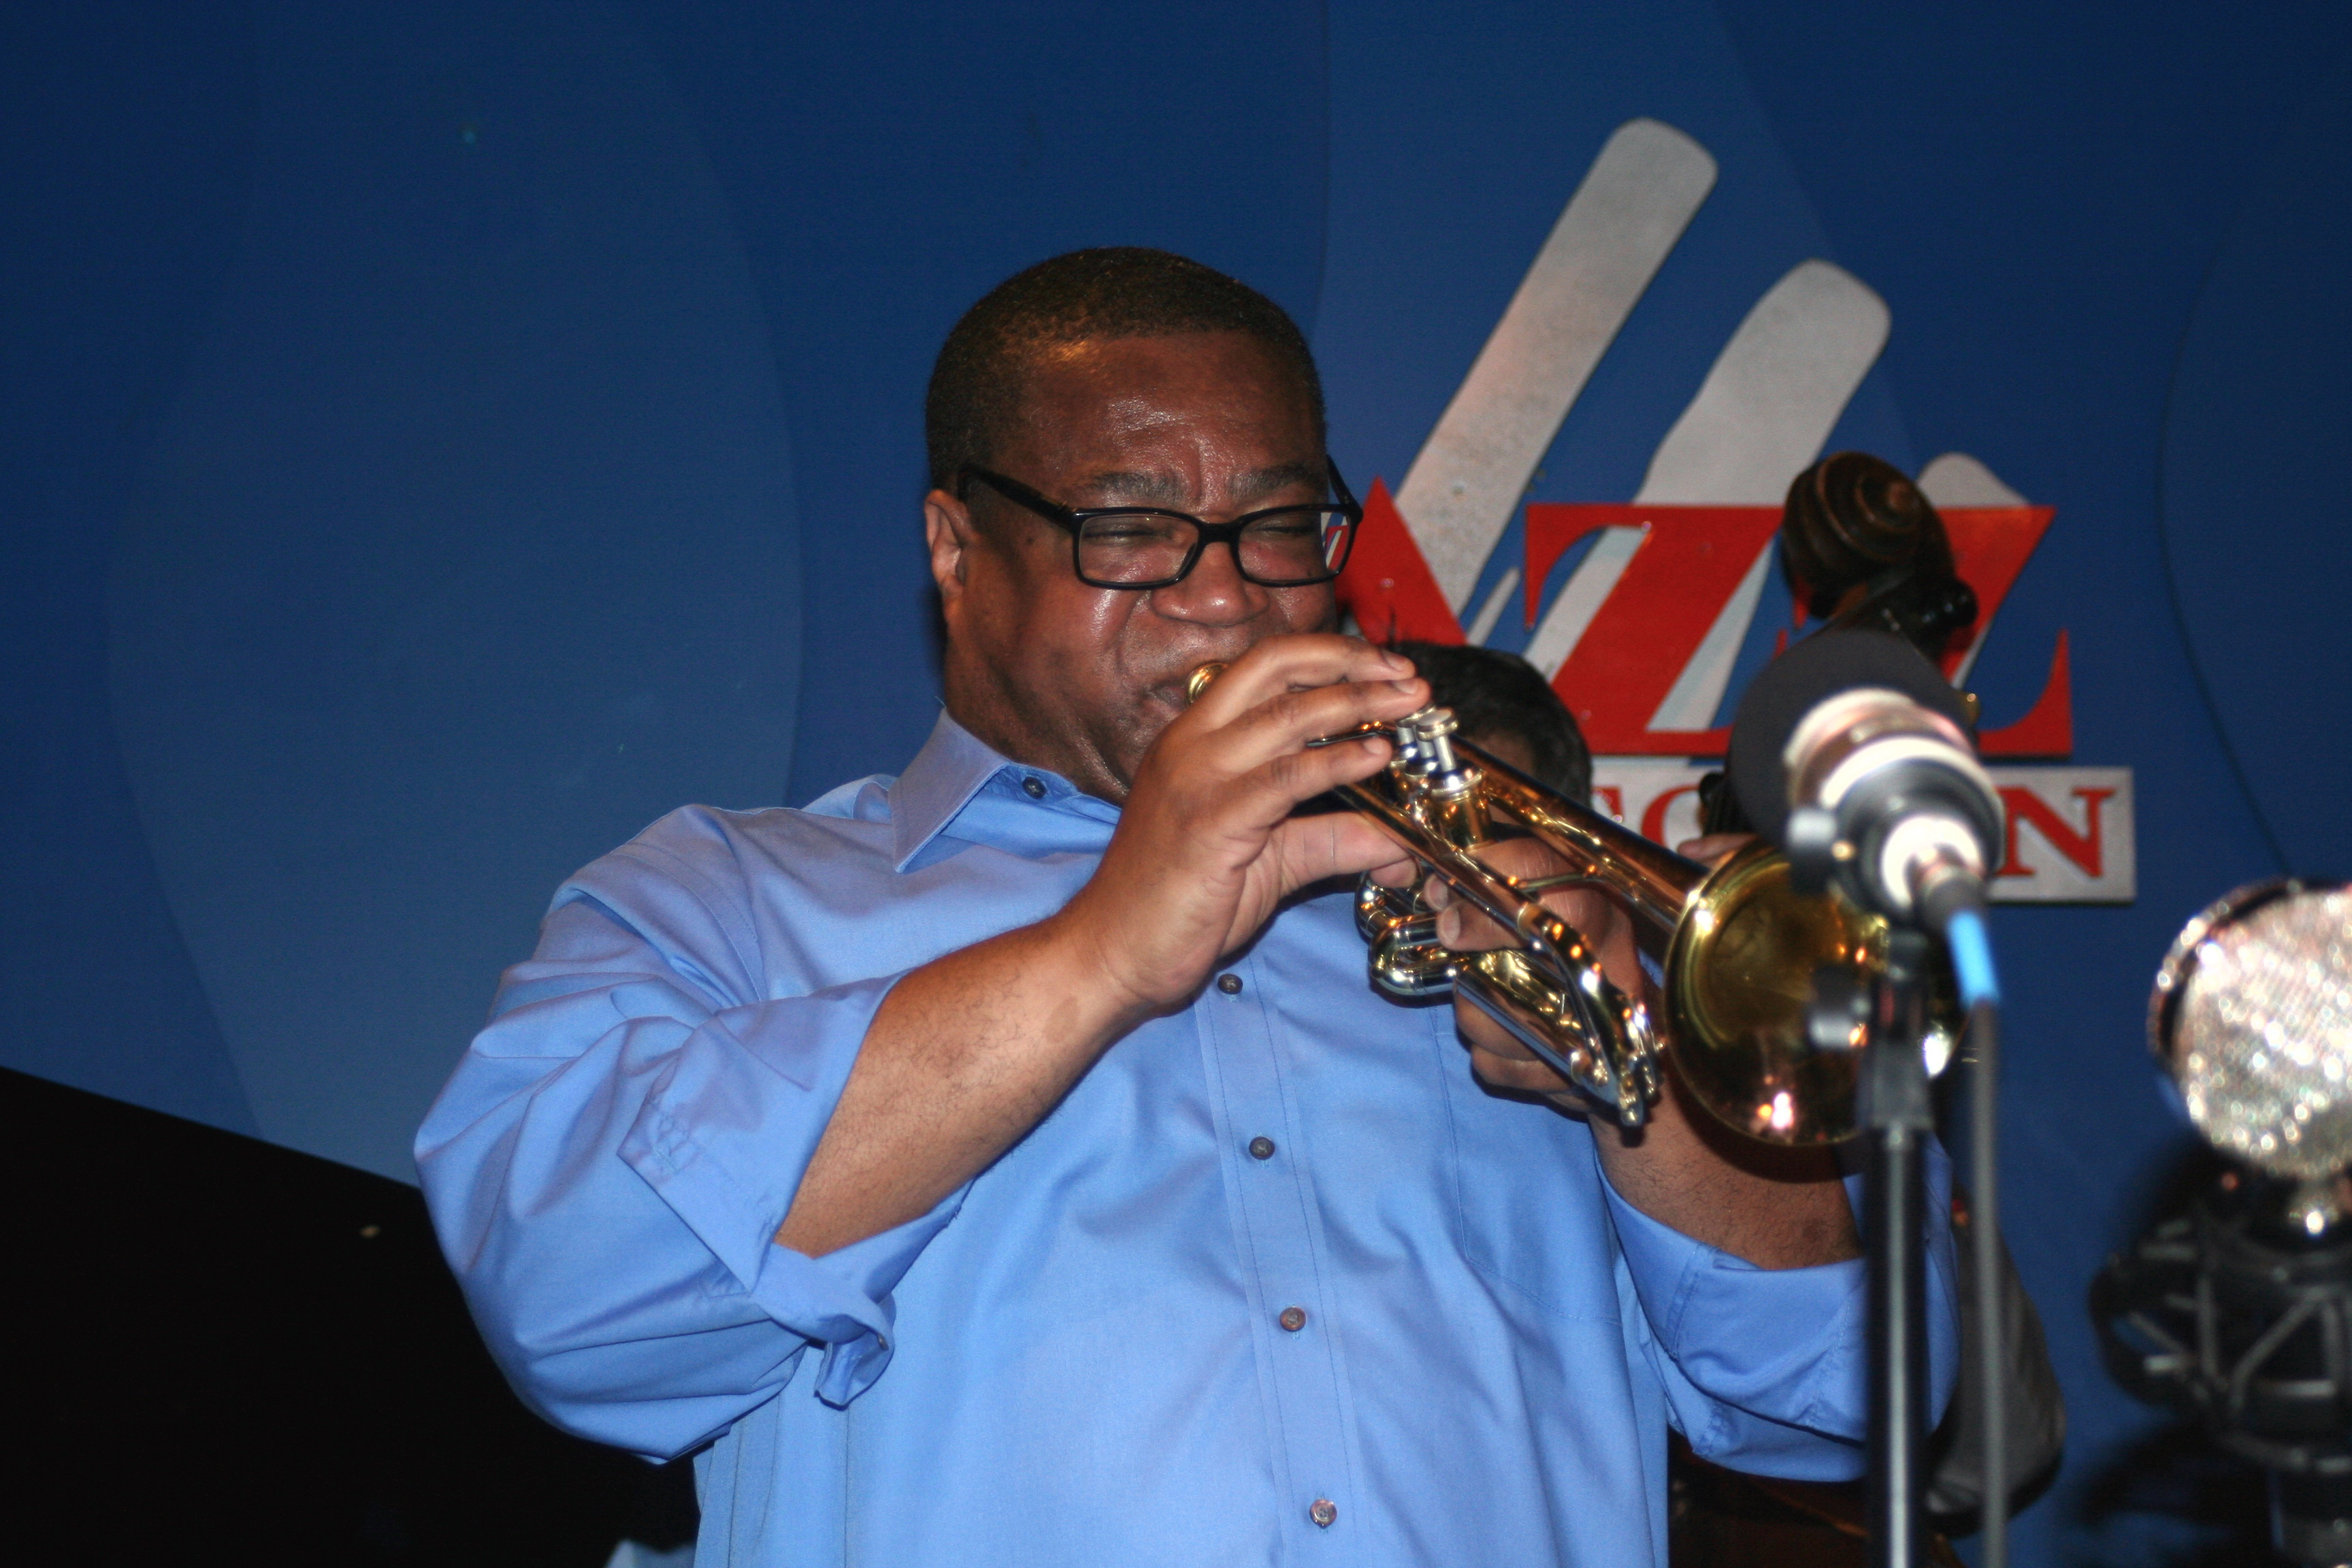 Pharez whitted band @ jazz kitchen 2013